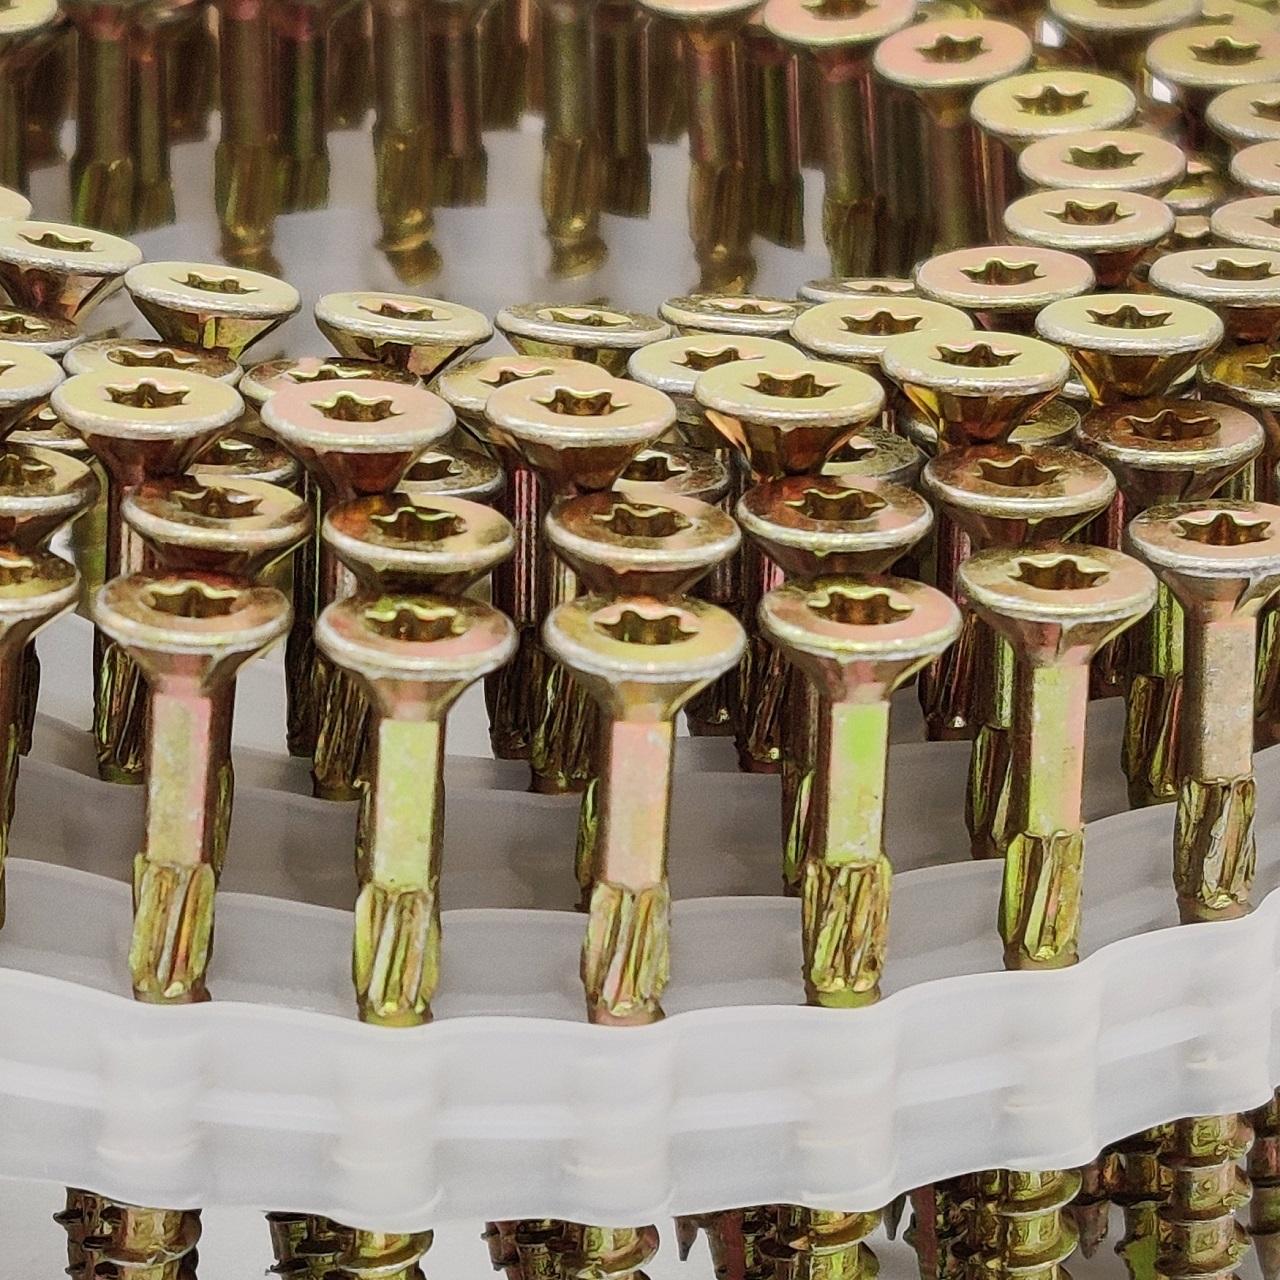 Coil adunox-SuperUni Holzschrauben / Spanplattenschrauben   gelb verzinkt   5,0x50   1.125 Stk